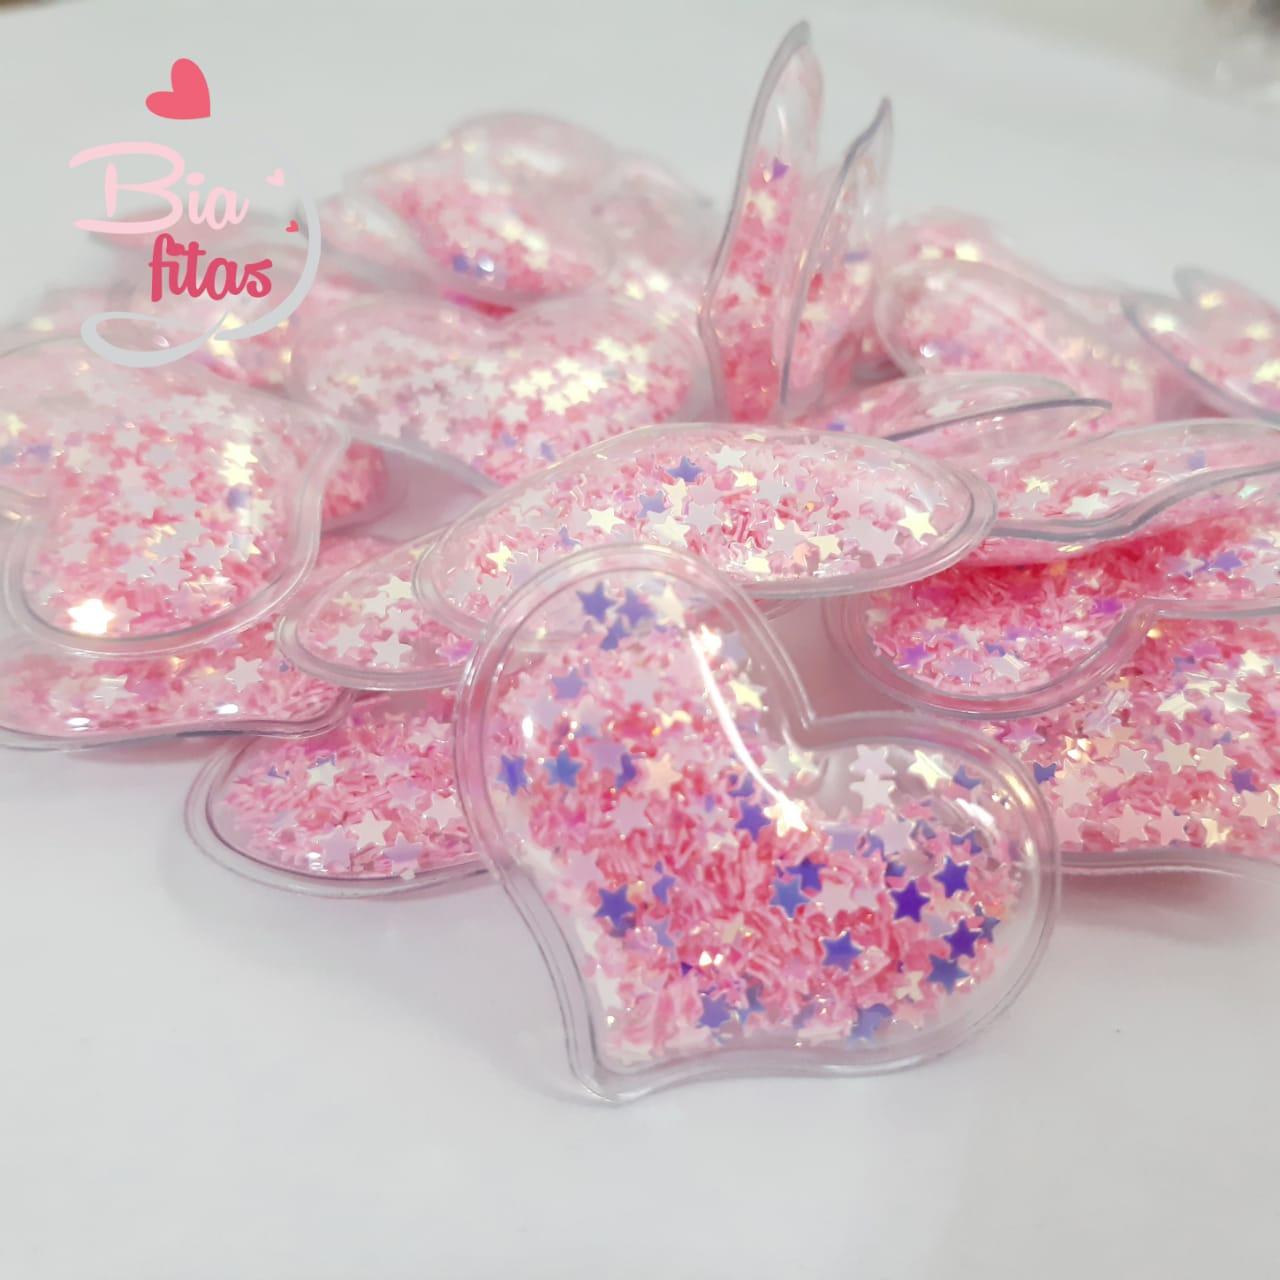 Aplique Coração Transparente Recheado de Estrelinhas